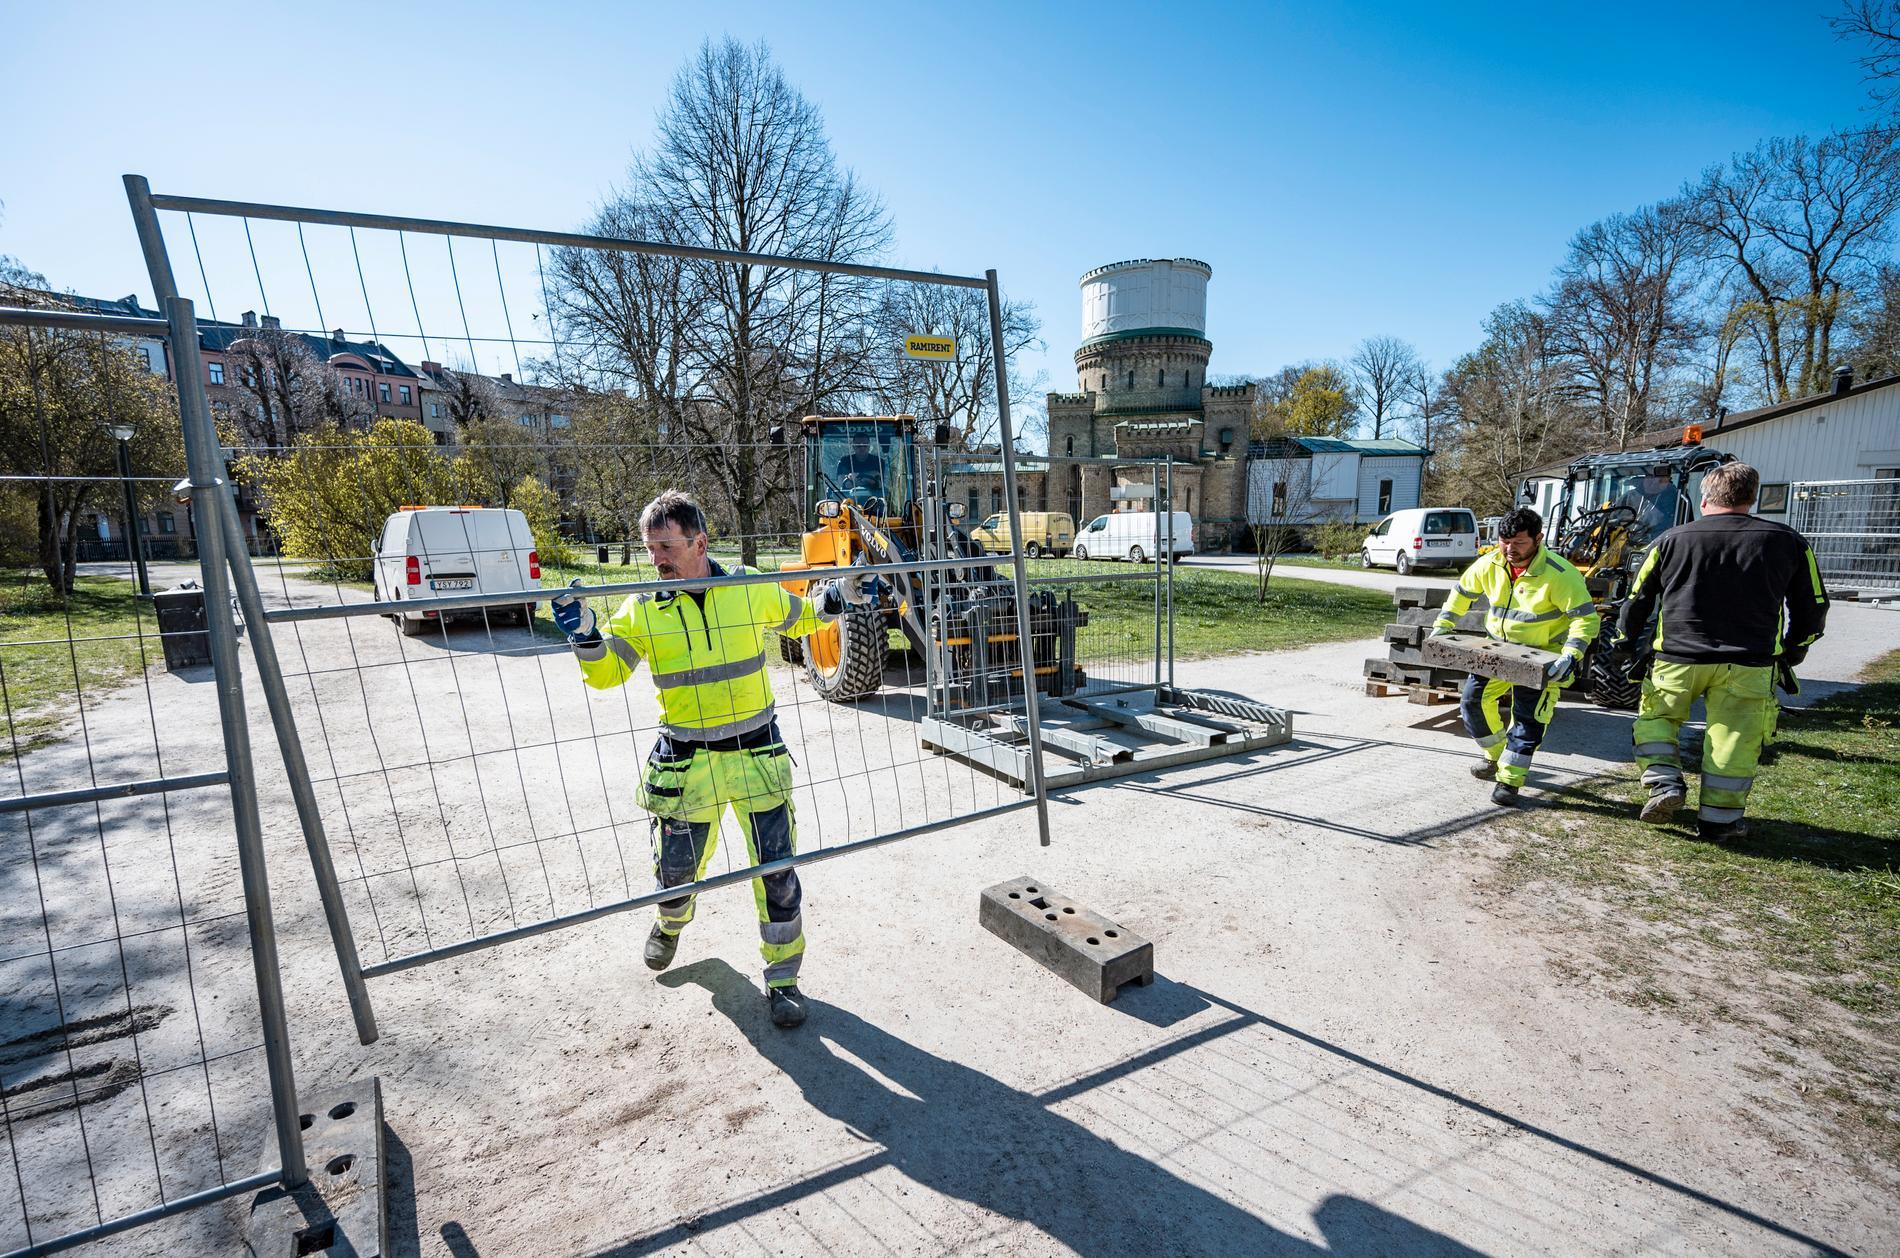 I Stadsparken i Lund kan omkring 30000 studenter och andra samlas en vanlig valborgsmässoafton. Men i år, liksom ifjol, har kommunen satt staket runt parken.